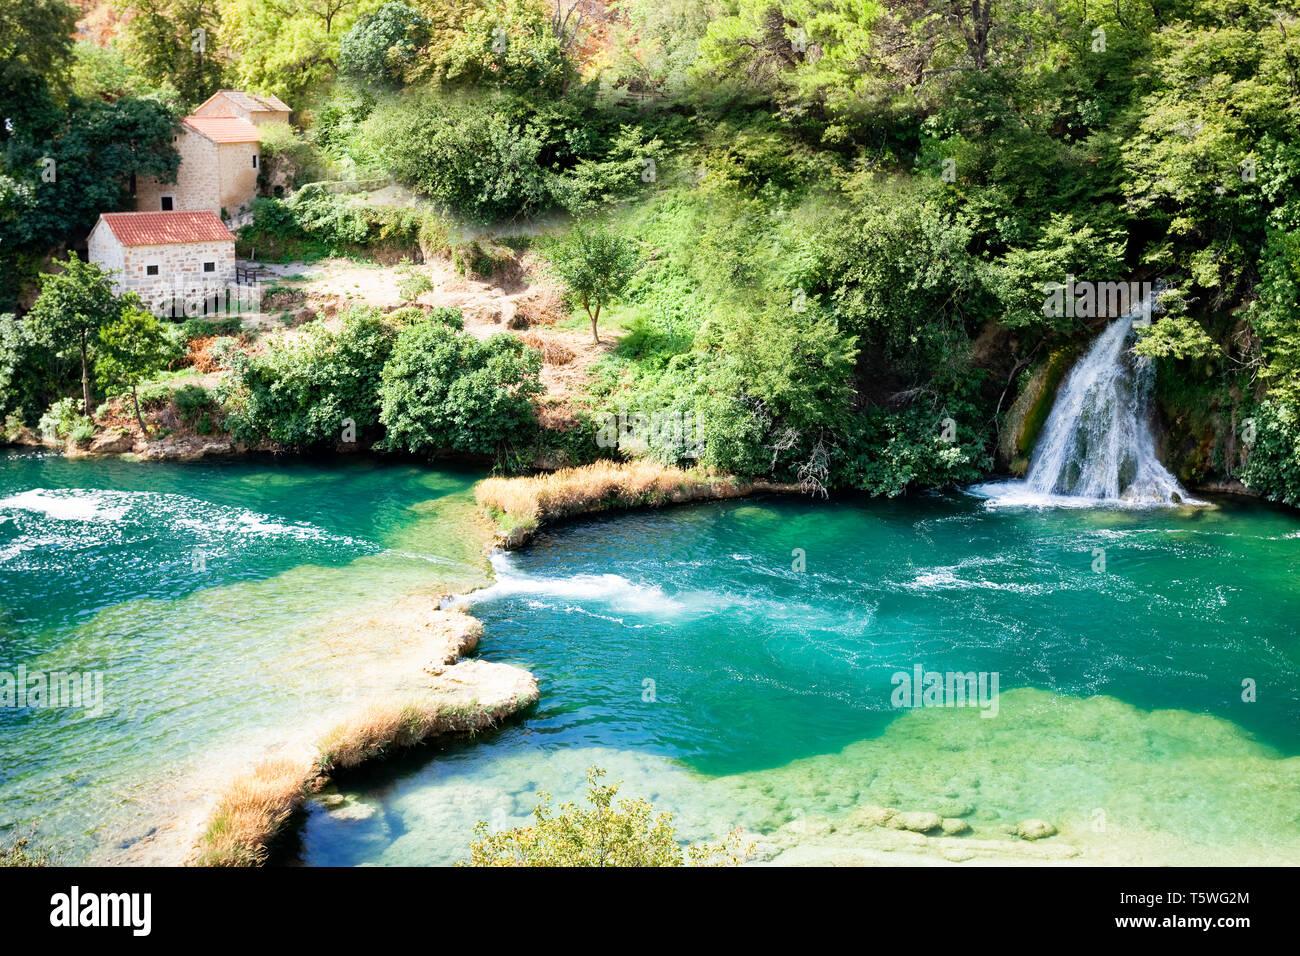 Krka, Sibenik, Kroatien, Europa - genau dort, wo Sie den Rest Ihres Lebens zu verbringen Stockfoto